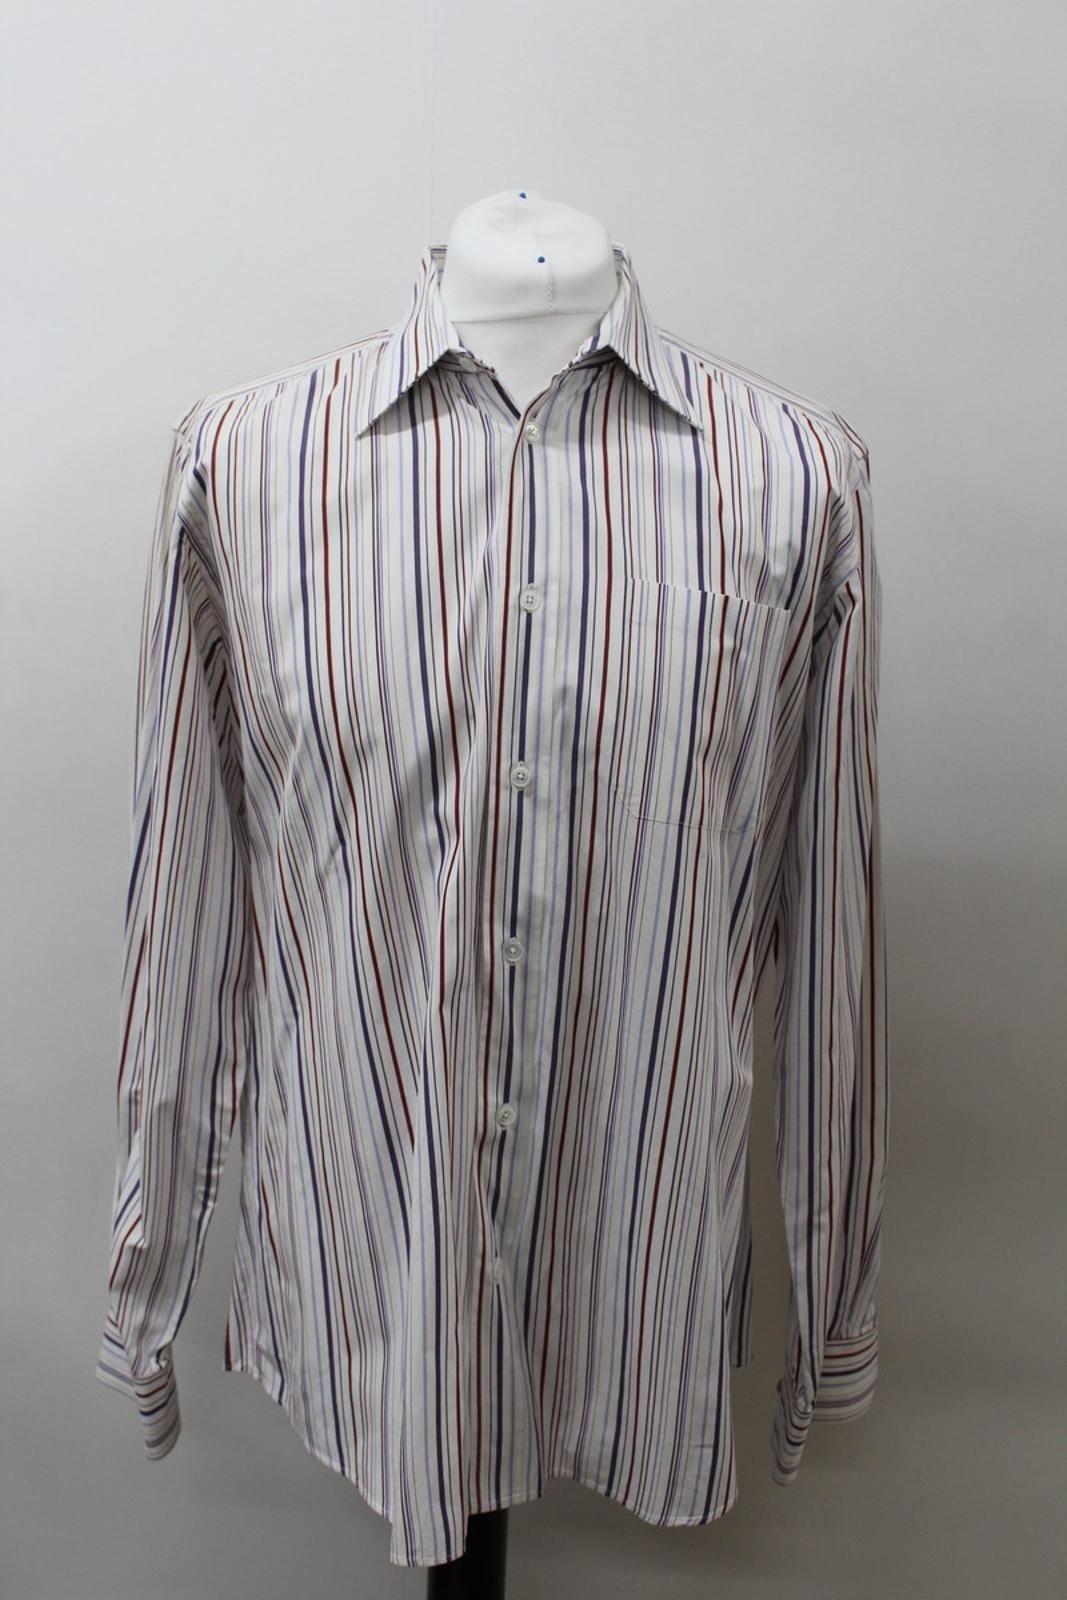 Hermes-para-hombre-Multi-Color-a-rayas-de-algodon-camisa-de-mangas-largas-cuello-16-5-034-42cm